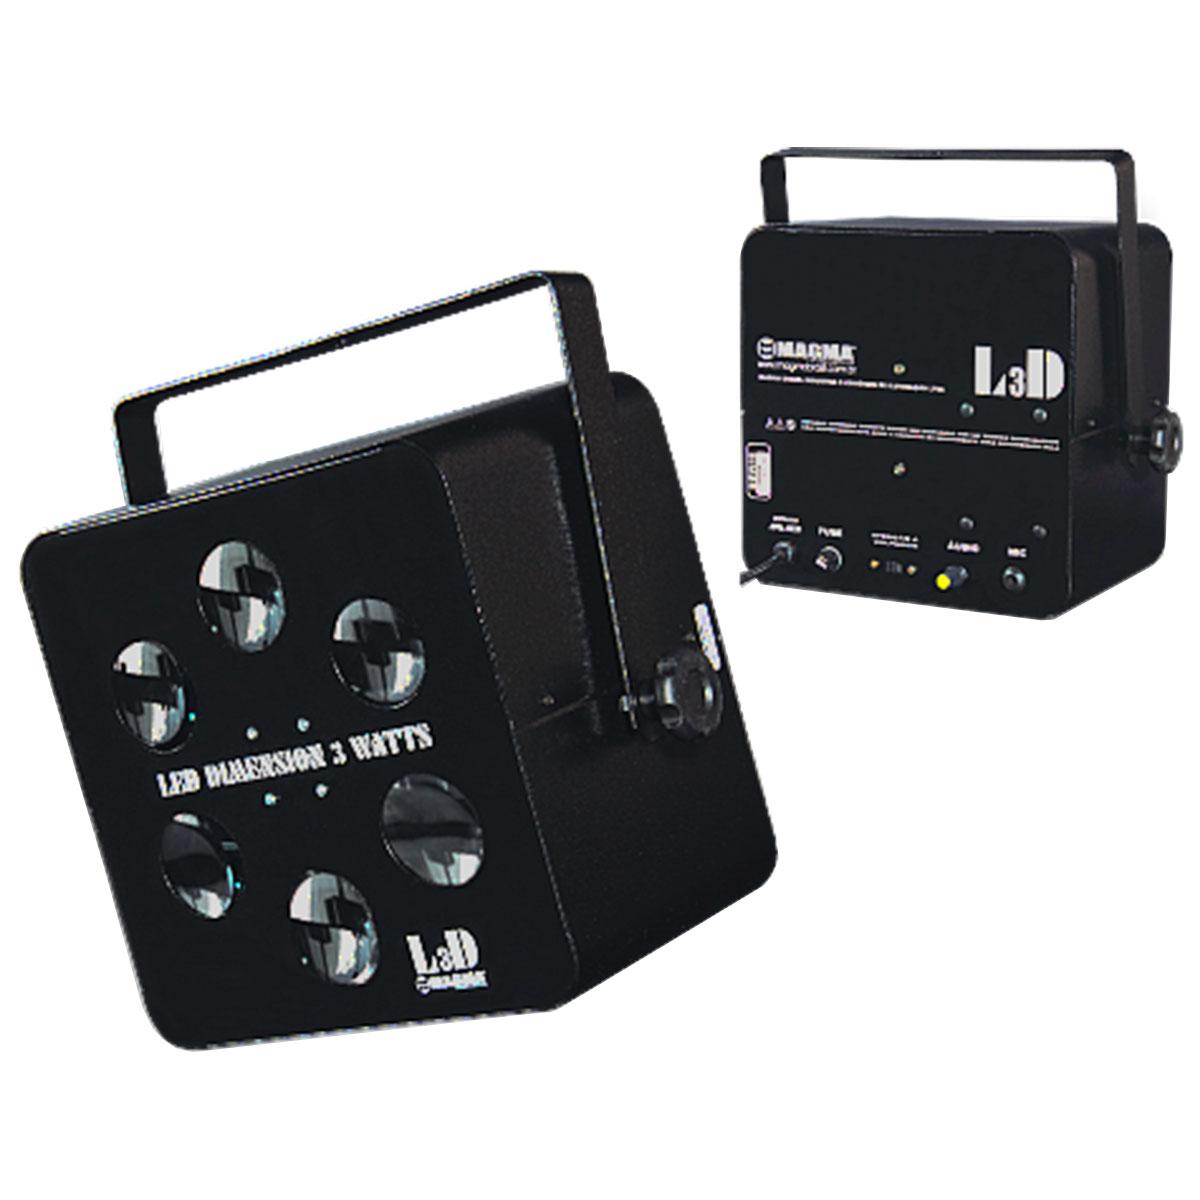 L3D - LED Dimension 3W RGB R�tmico L 3 D - Magma